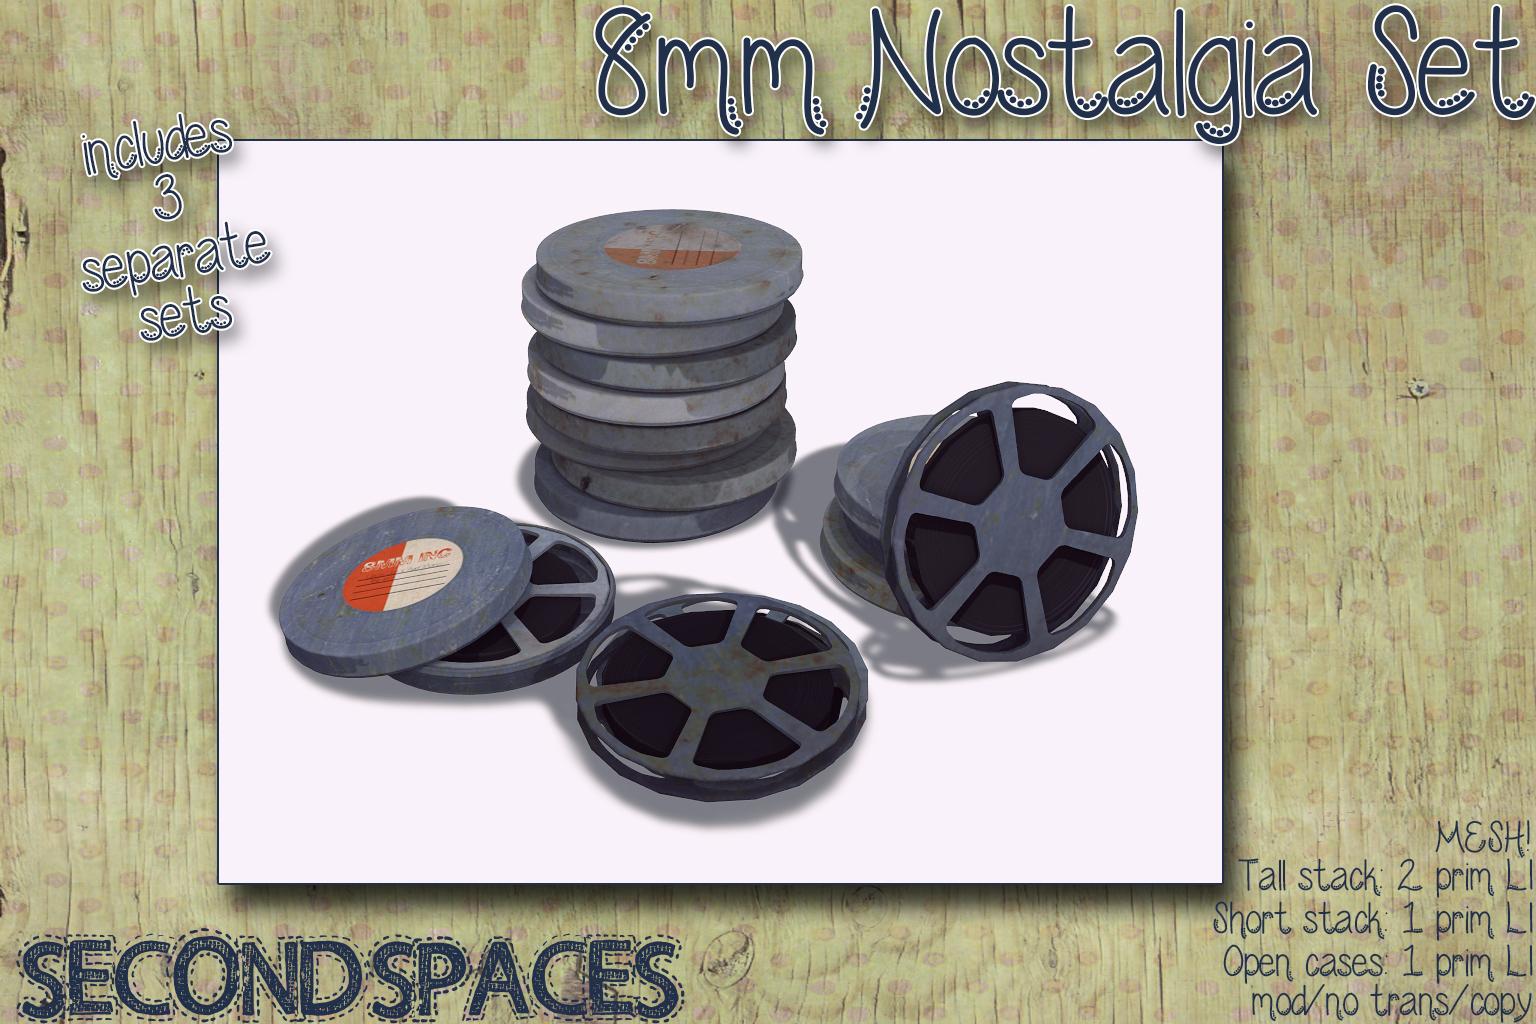 8mm nostalgia_vendor.jpg